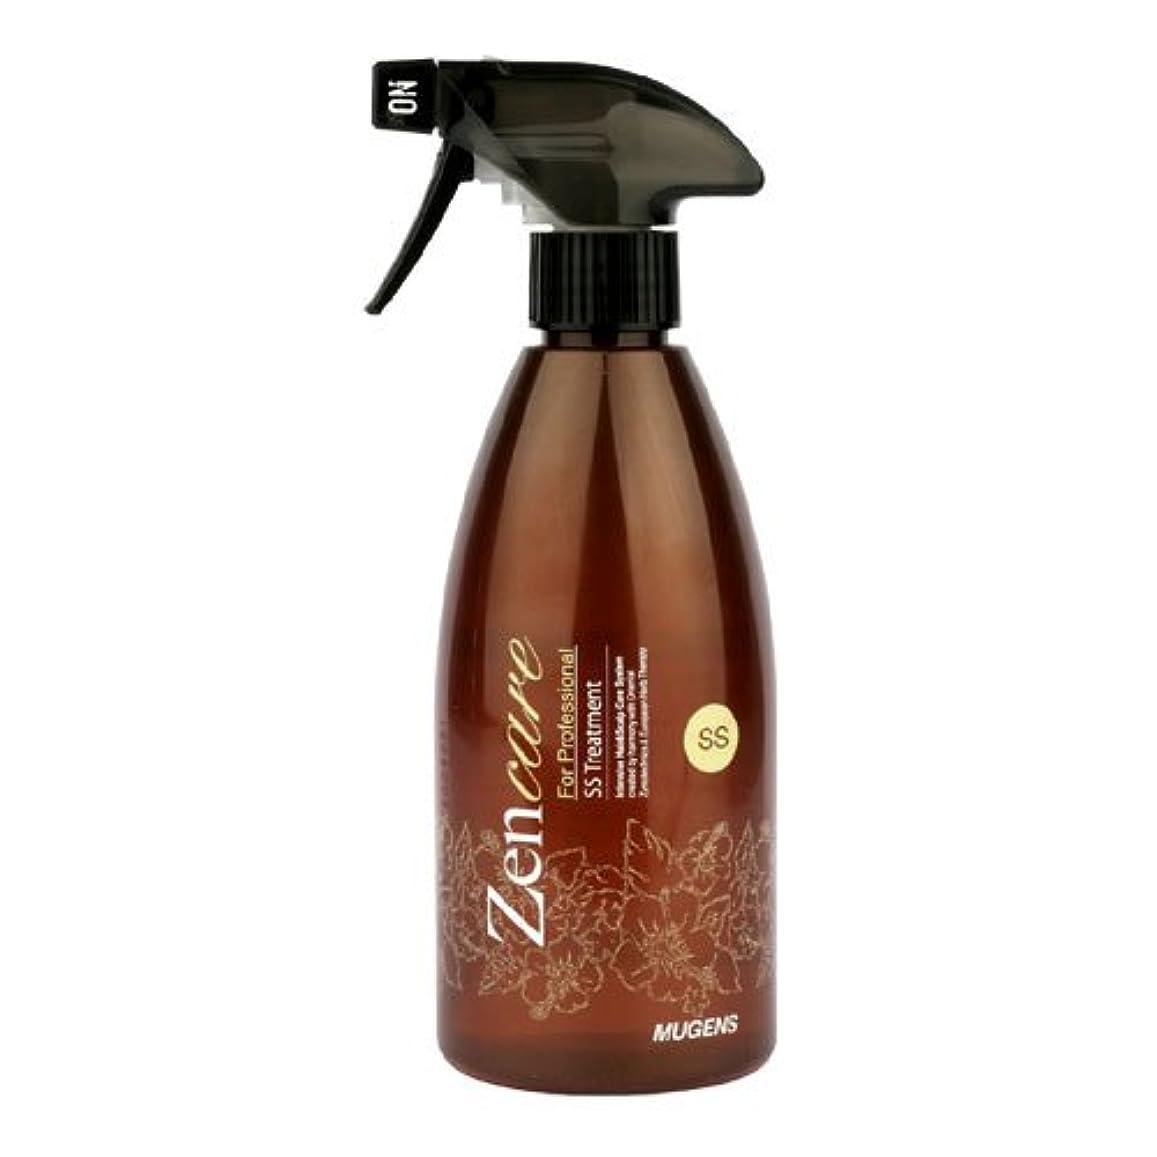 接ぎ木よく話されるファックスMugens Zen Care SSヘアトリートメント500ml ダメージヘア -パーマ/染色/ブリーチ -集中ヘアケア (Mugens Zen Care SS Hair Treatment 500ml for Damaged...